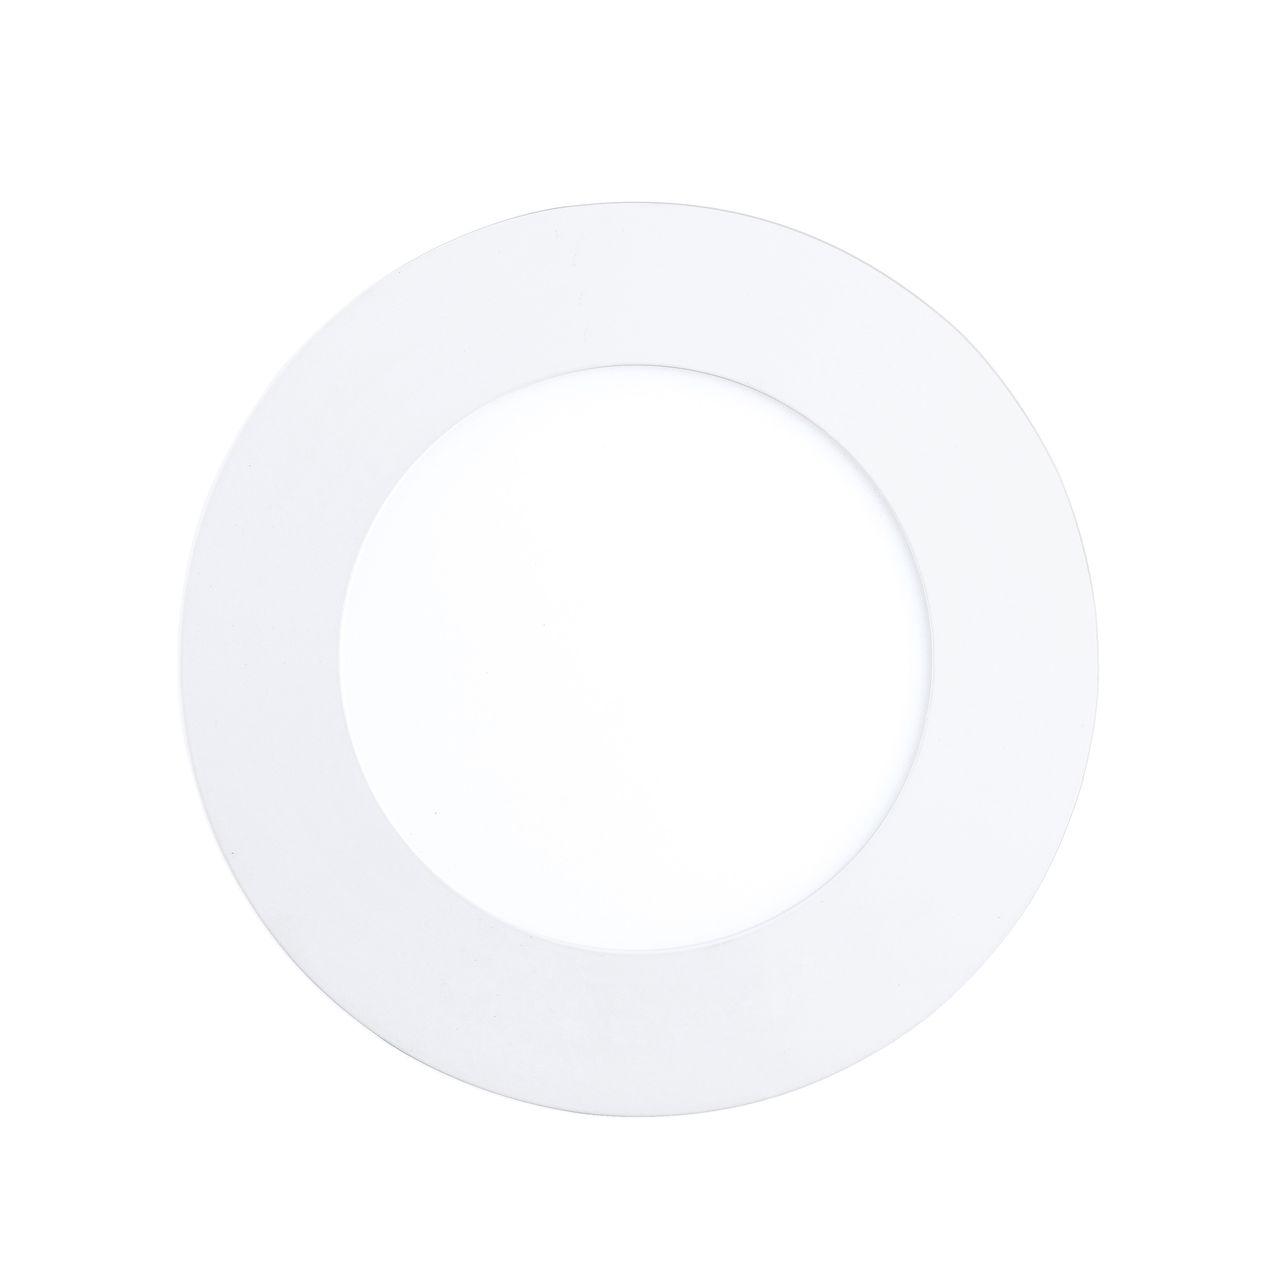 Встраиваемый светильник Eglo Fueva 1 94048 встраиваемый светильник eglo 94402 желтый